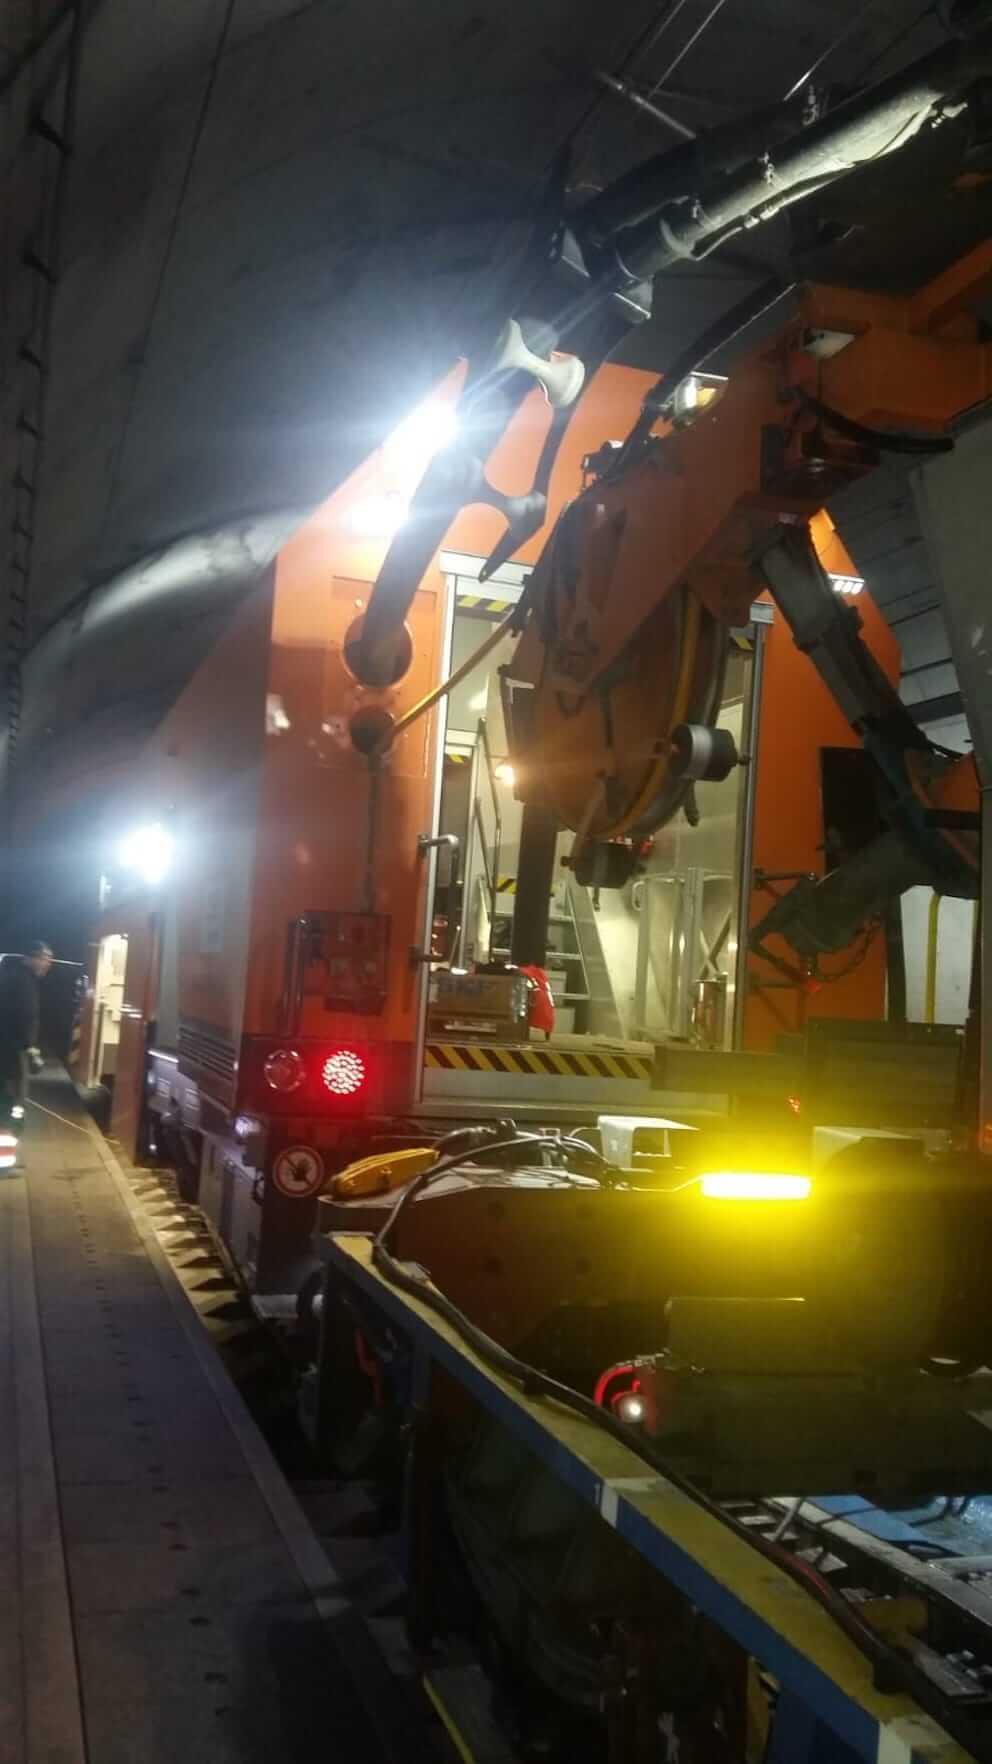 DAWI Fahrzeug steht in einem Eisenbahntunnel